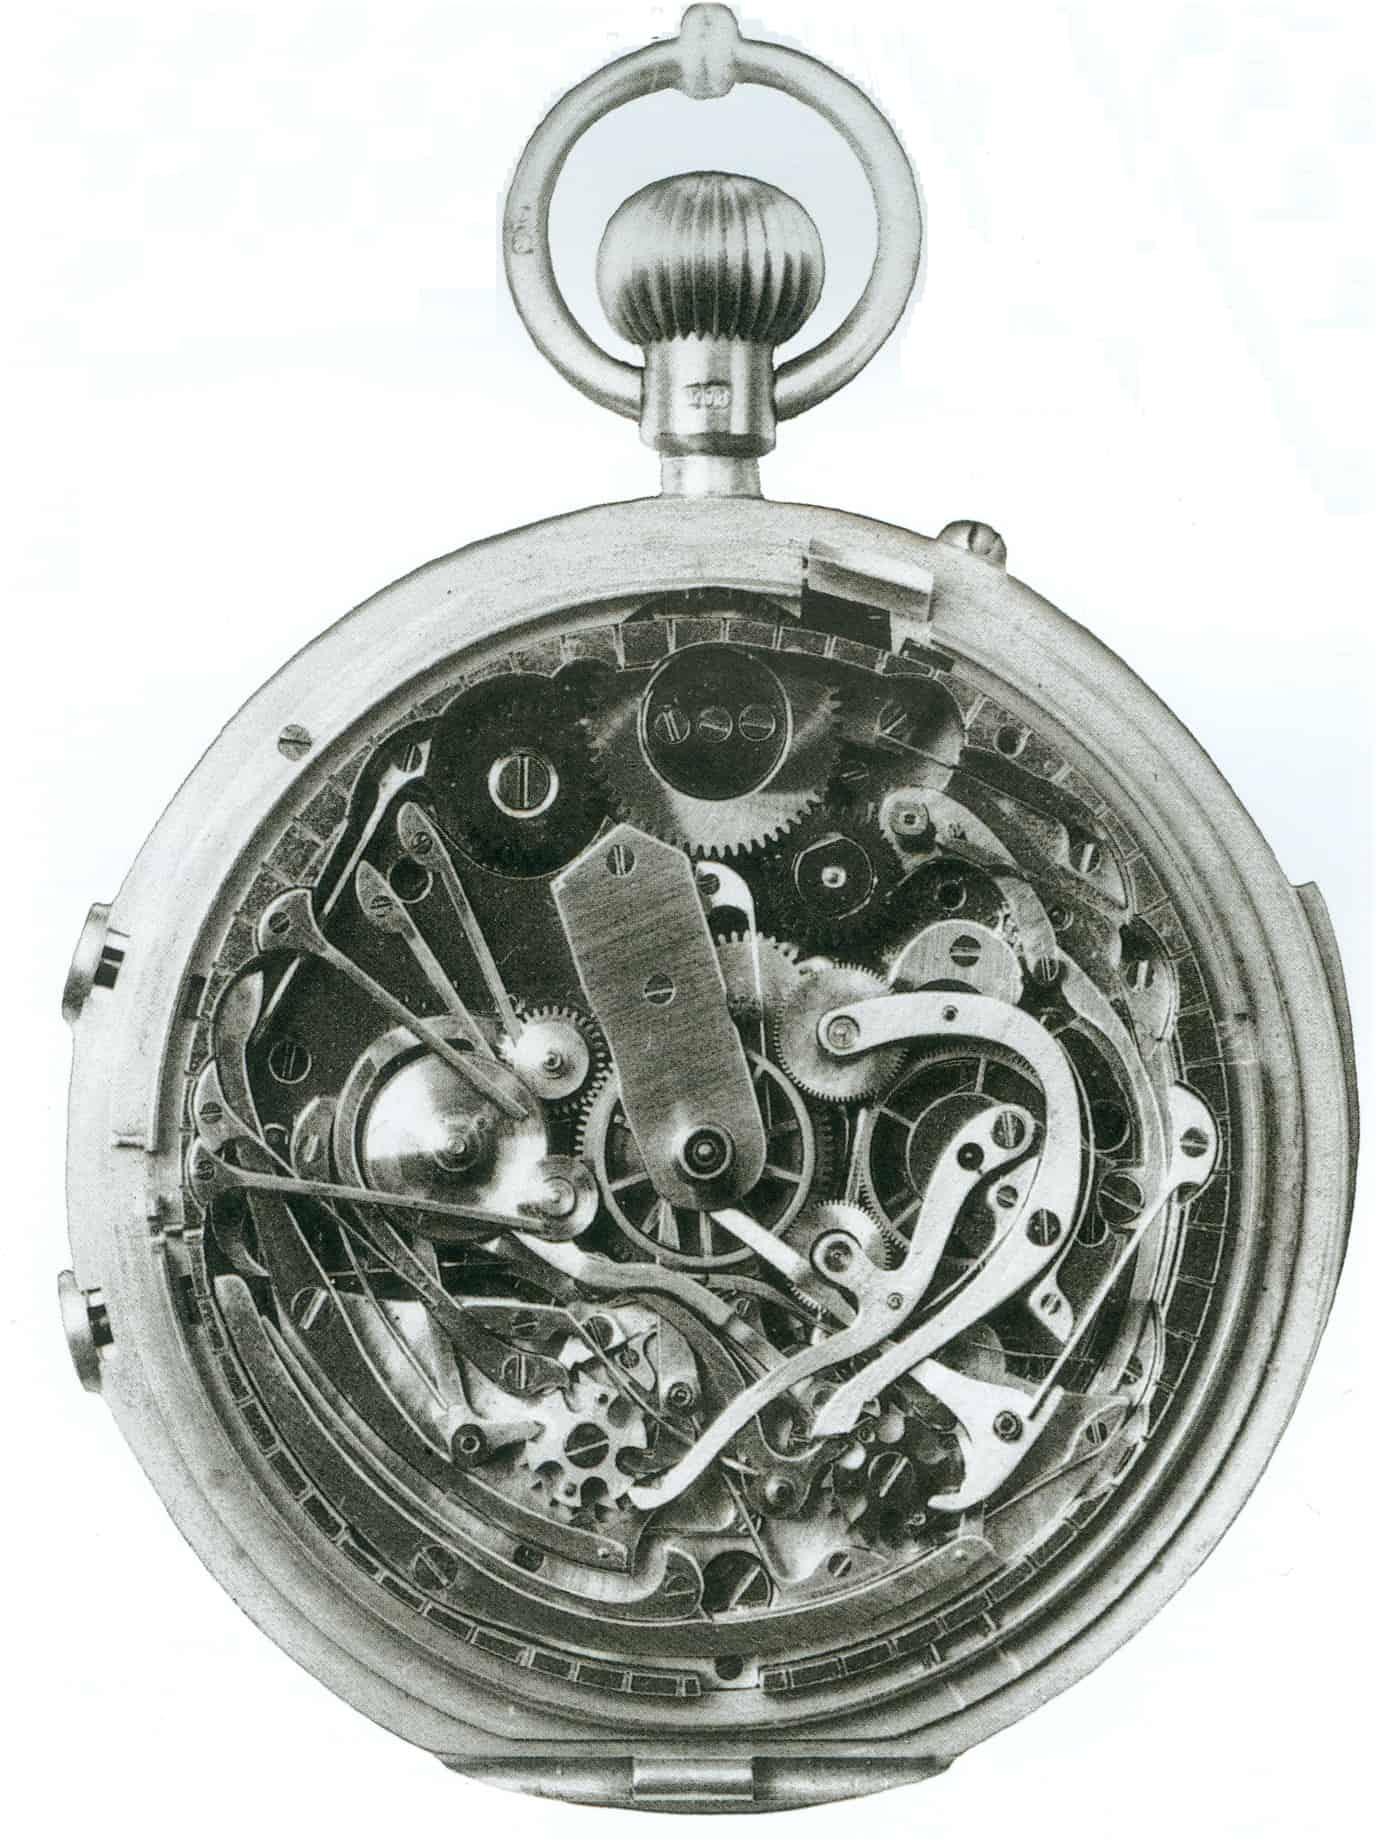 Audemars Piguet Taschenuhr mit Minutenrepetition und Doppelchronograph